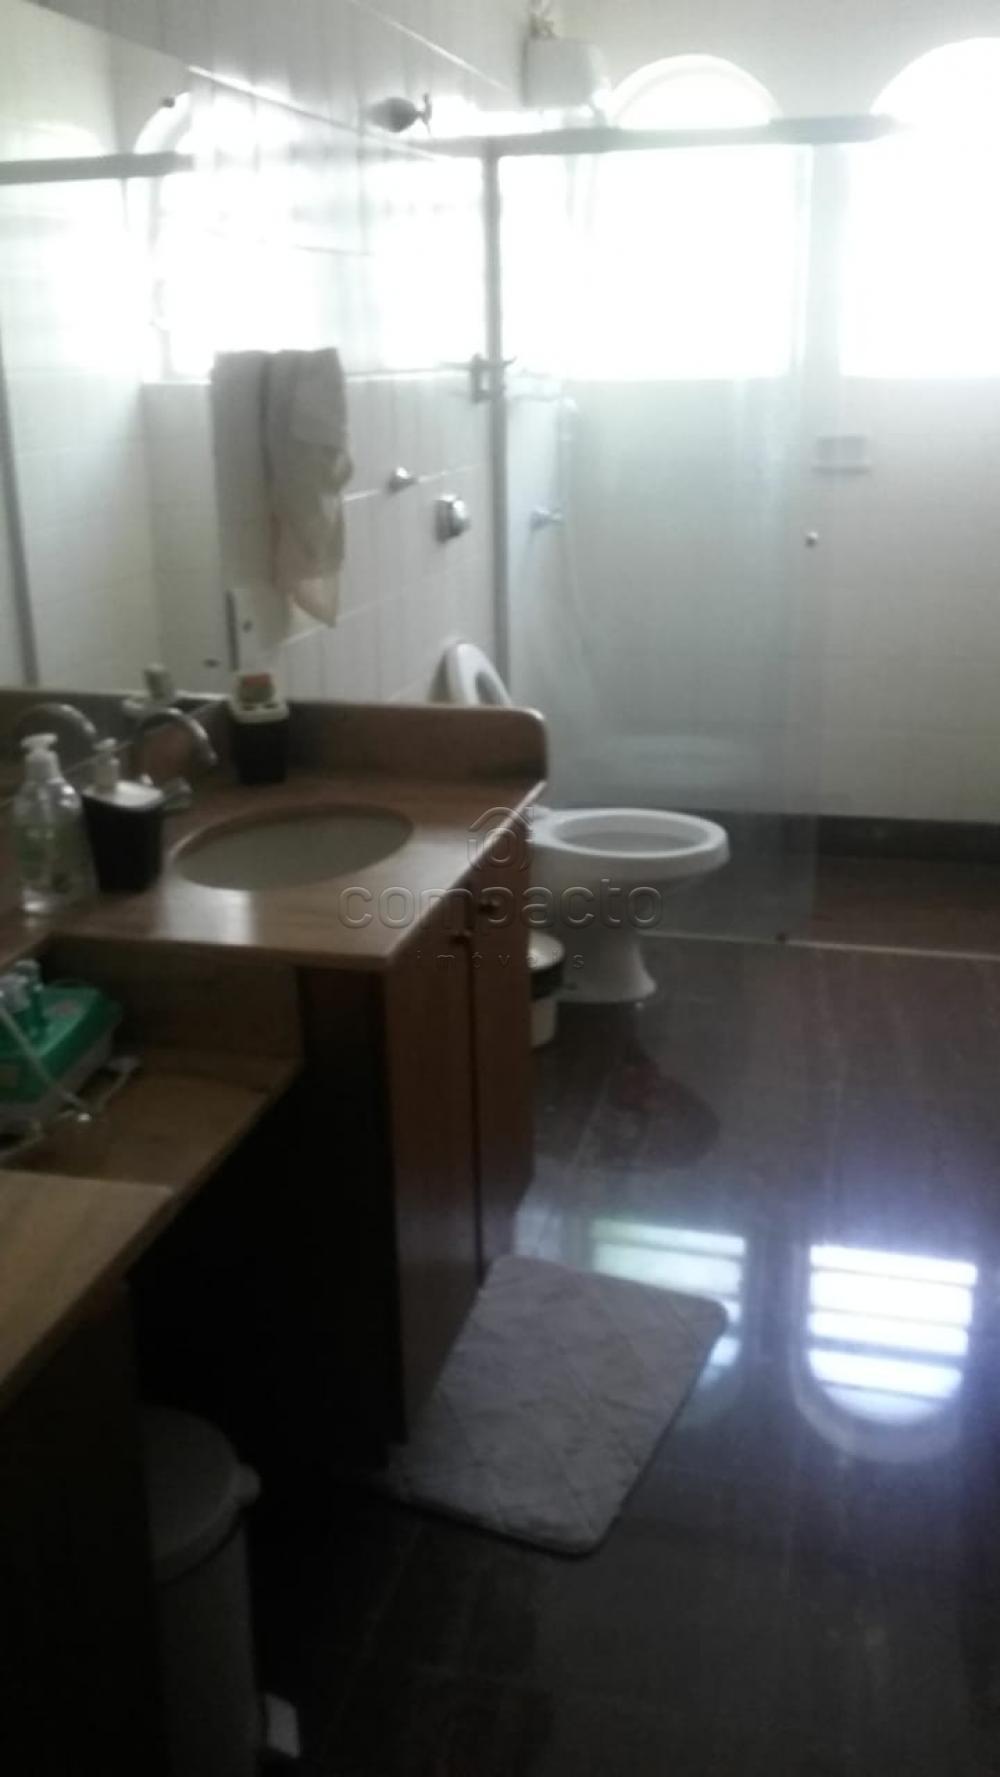 Comprar Casa / Padrão em São José do Rio Preto apenas R$ 595.000,00 - Foto 8